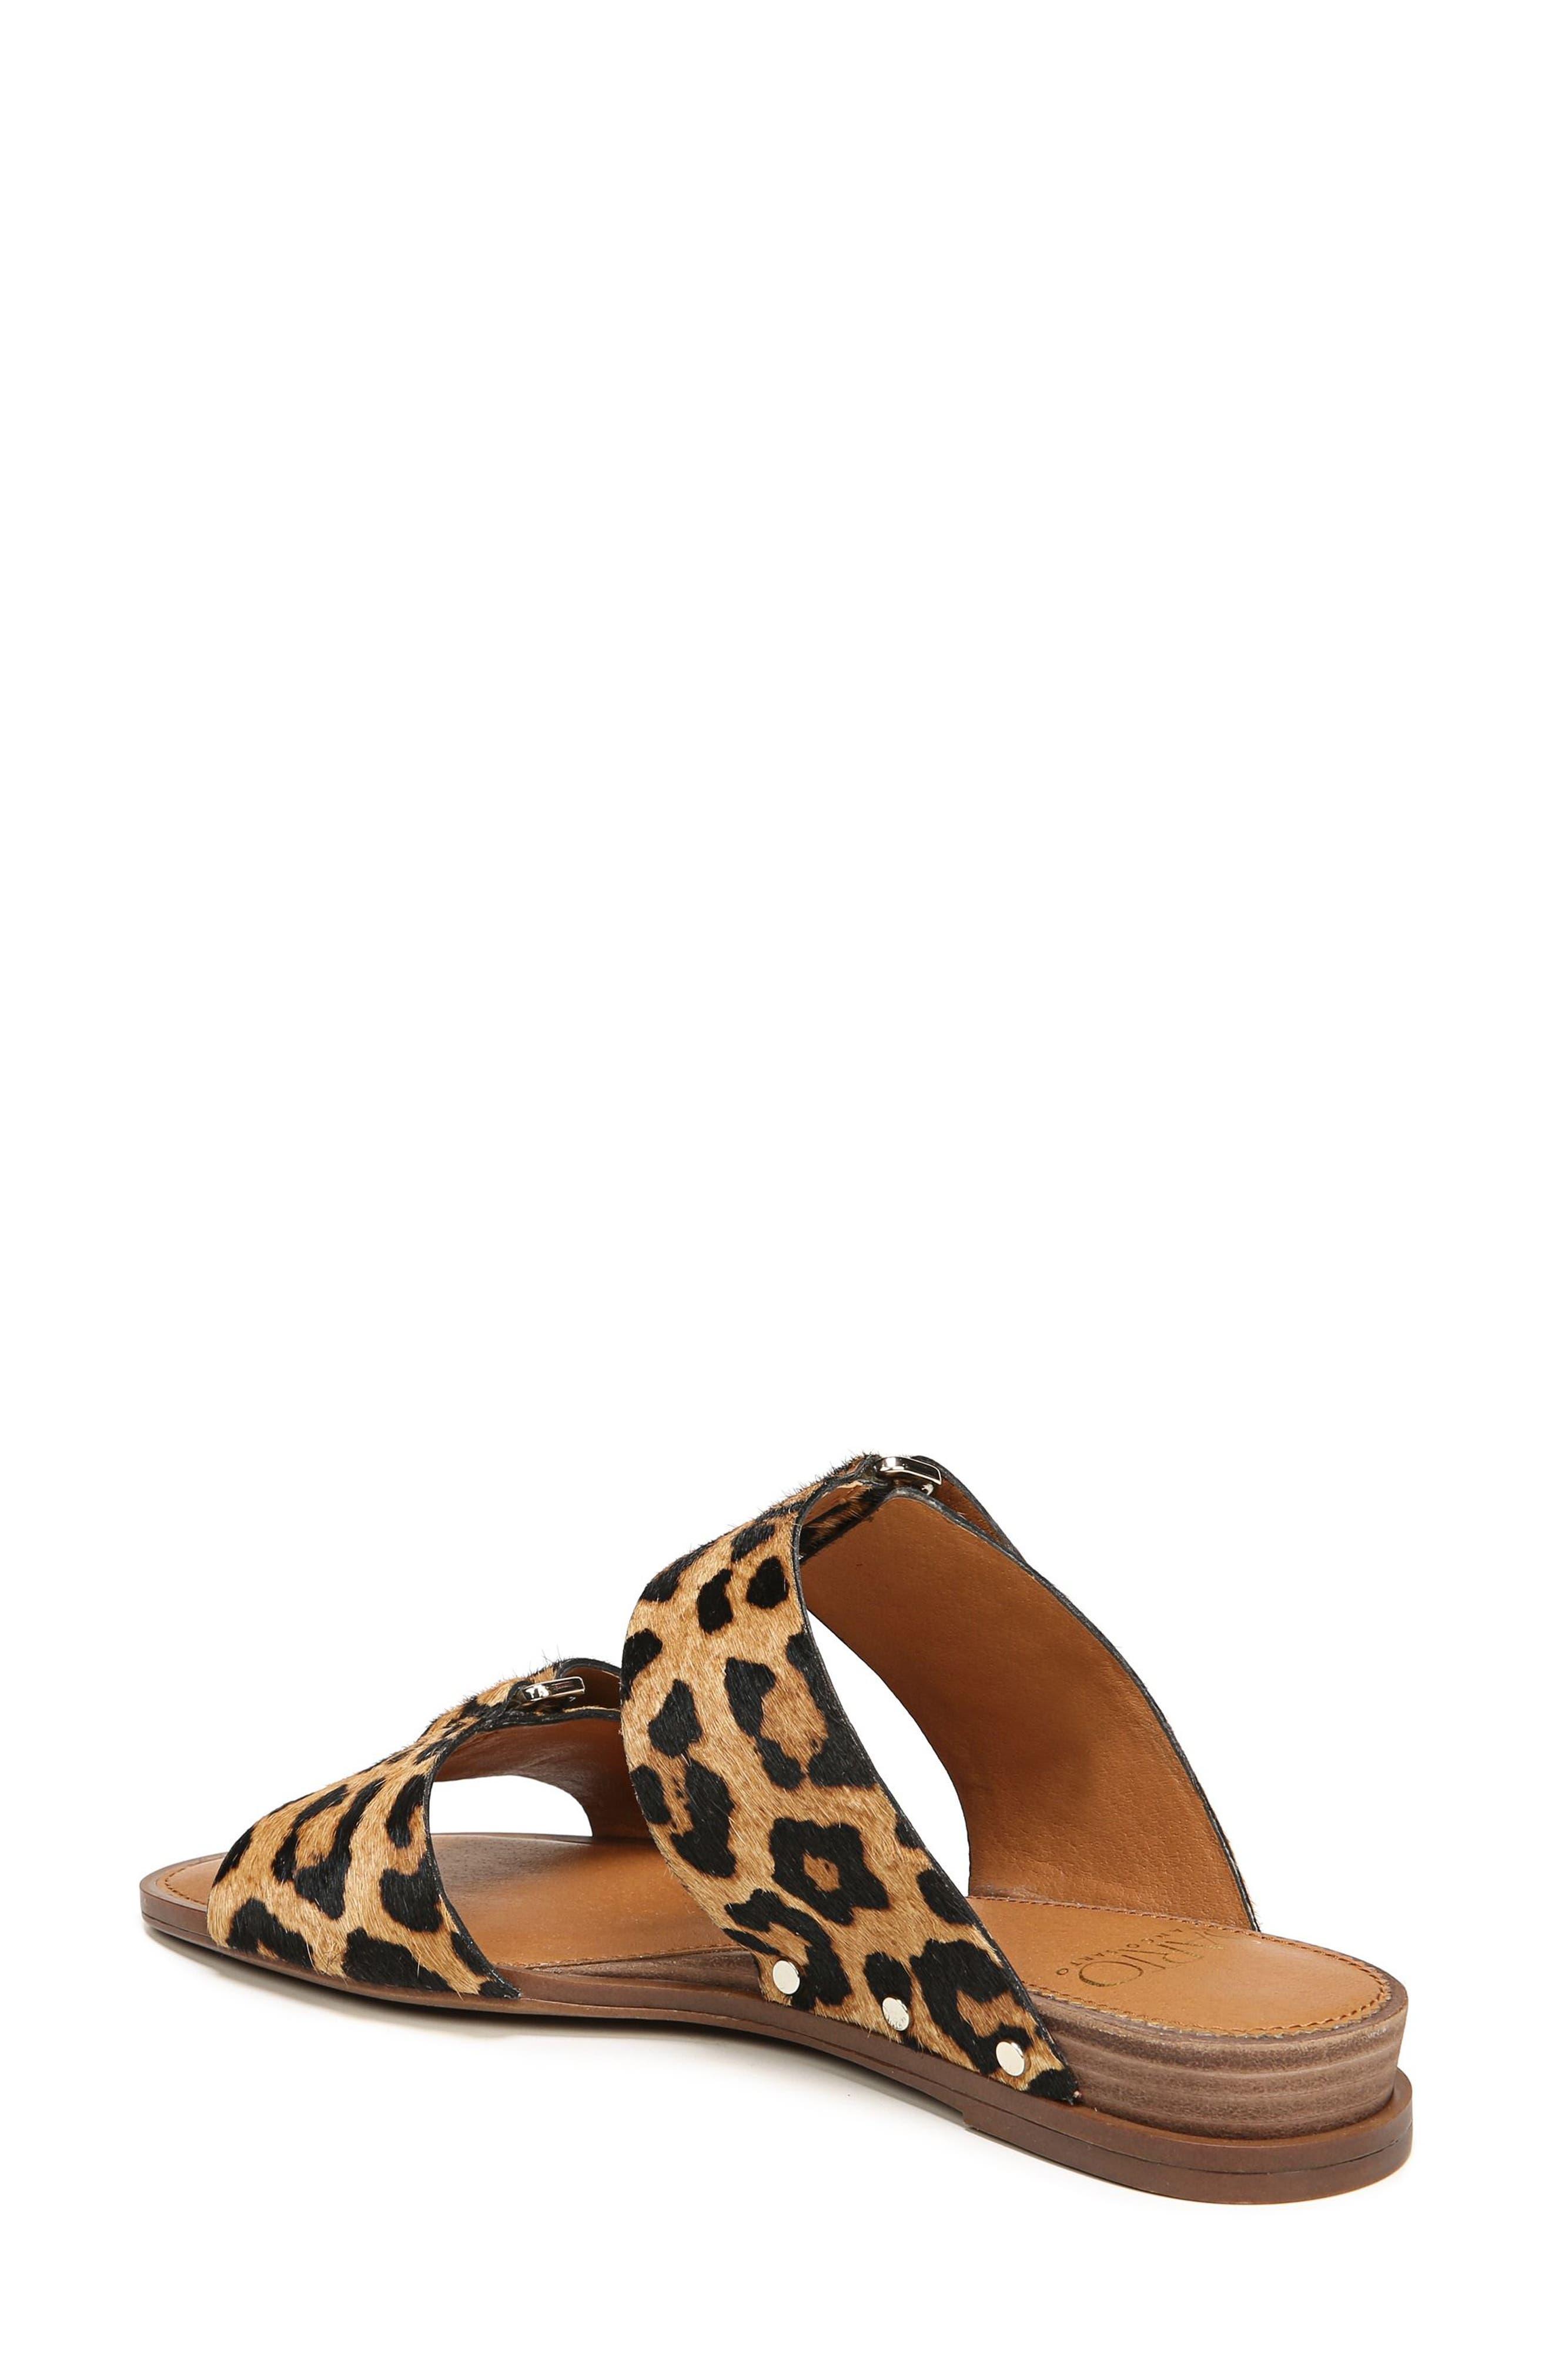 Palomino Genuine Calf Hair Sandal,                             Alternate thumbnail 8, color,